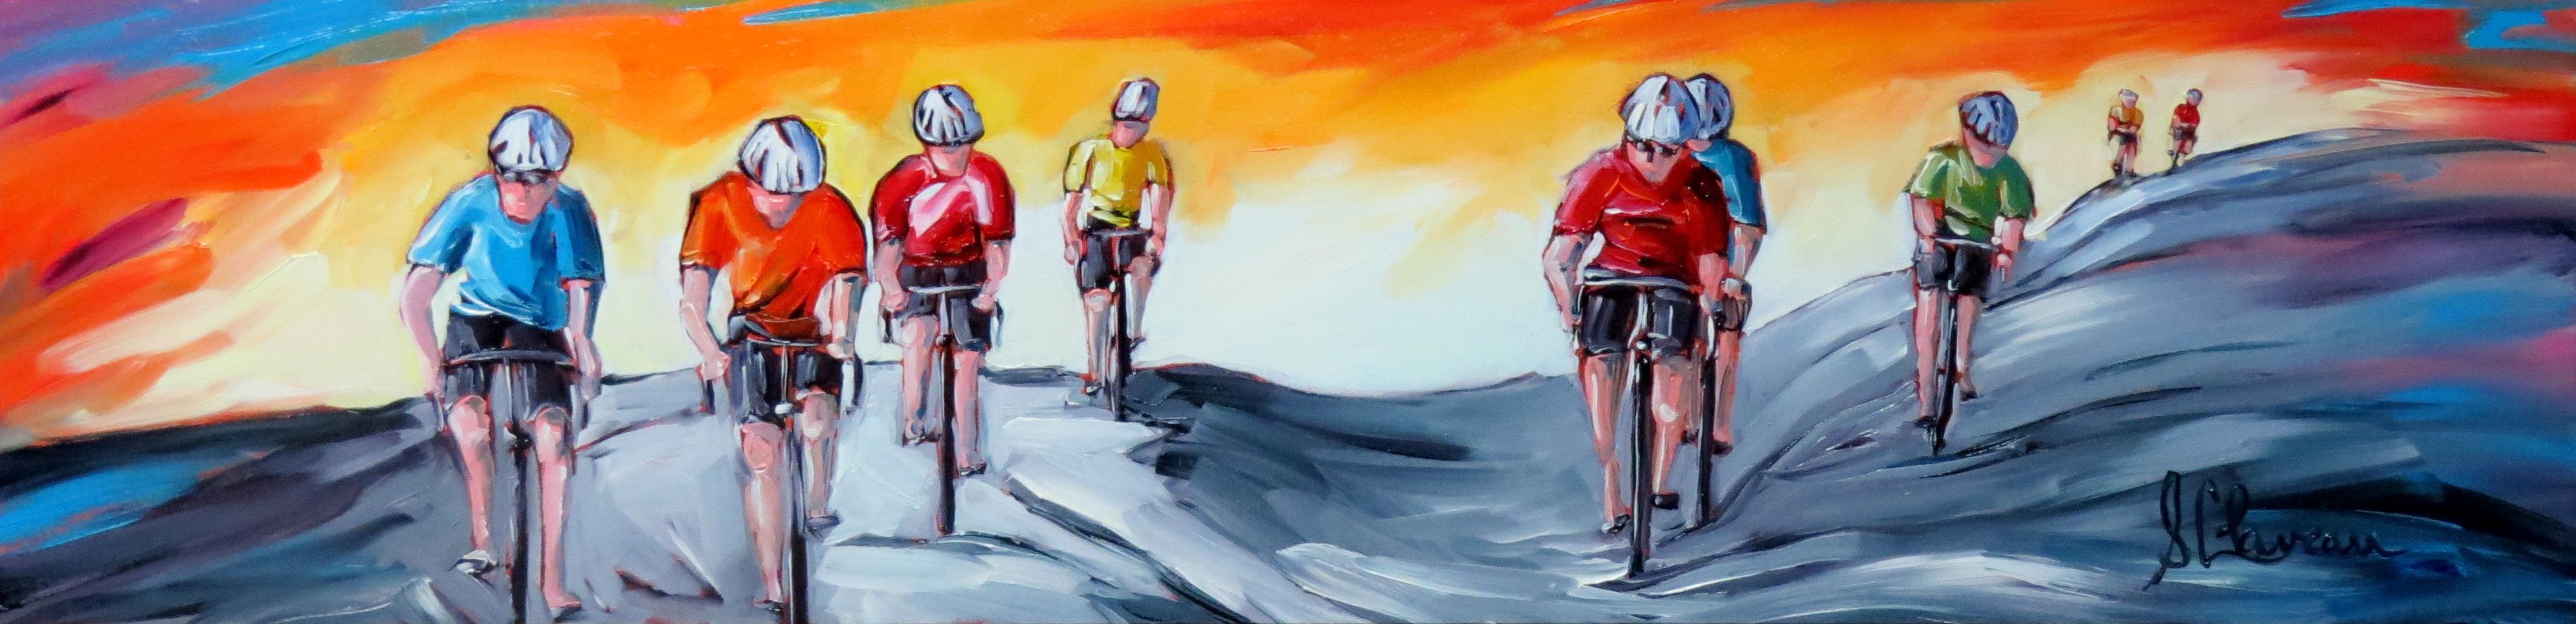 Les fous du vélo